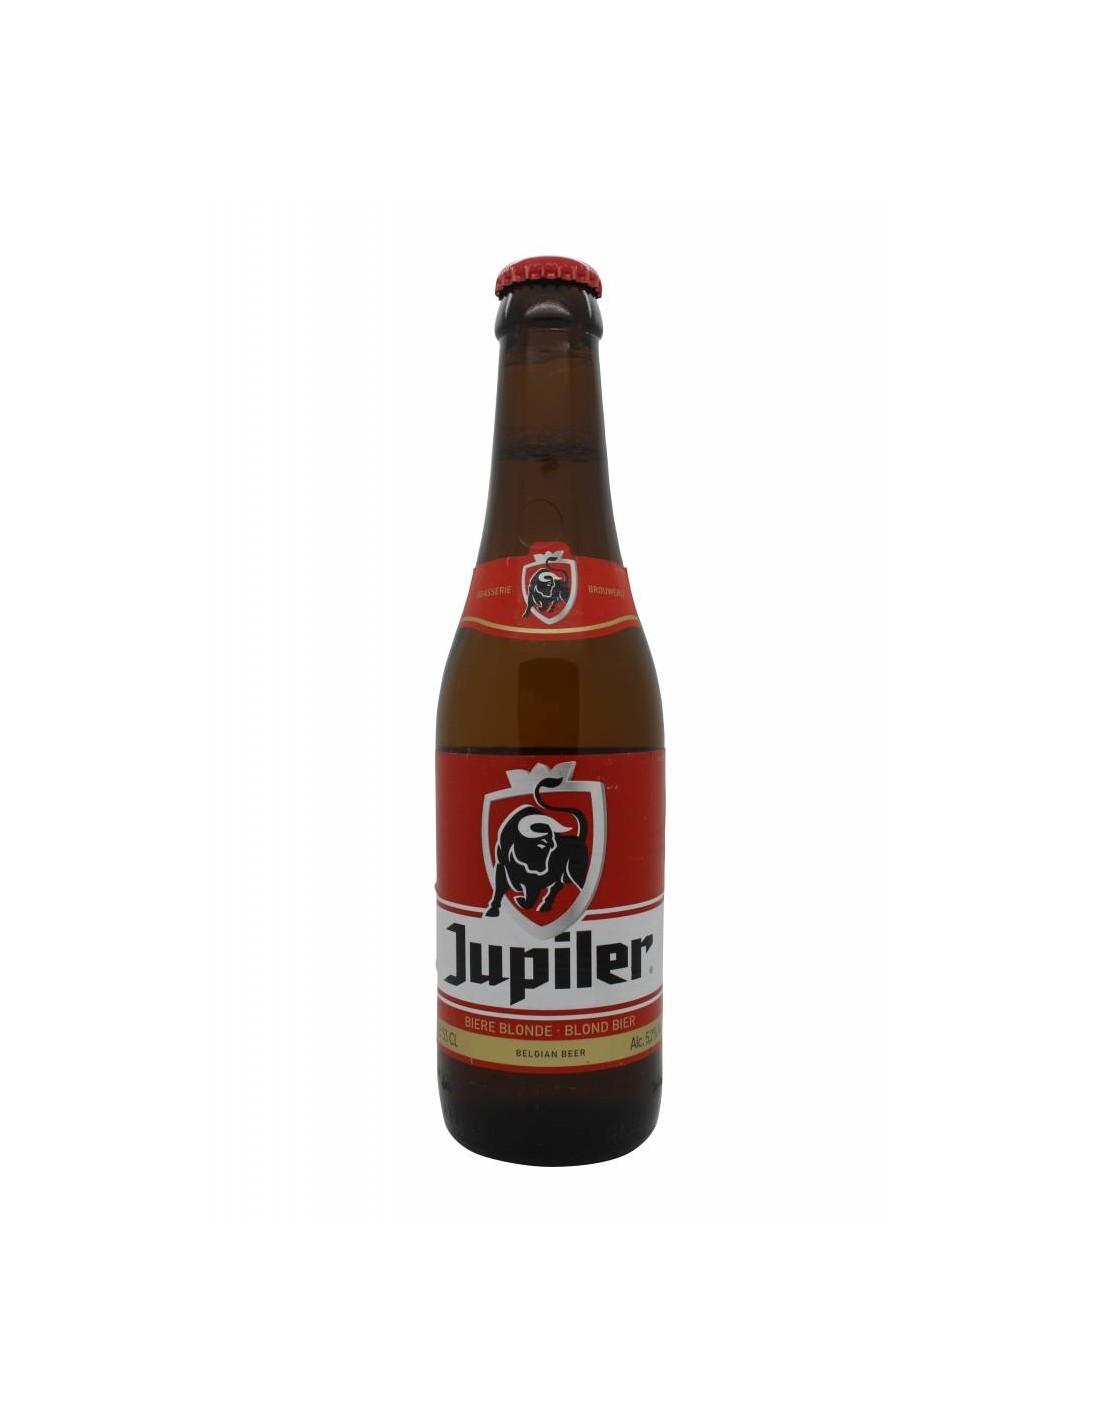 Bere blonda Jupiler, 5.2% alc., 0.33L, Belgia